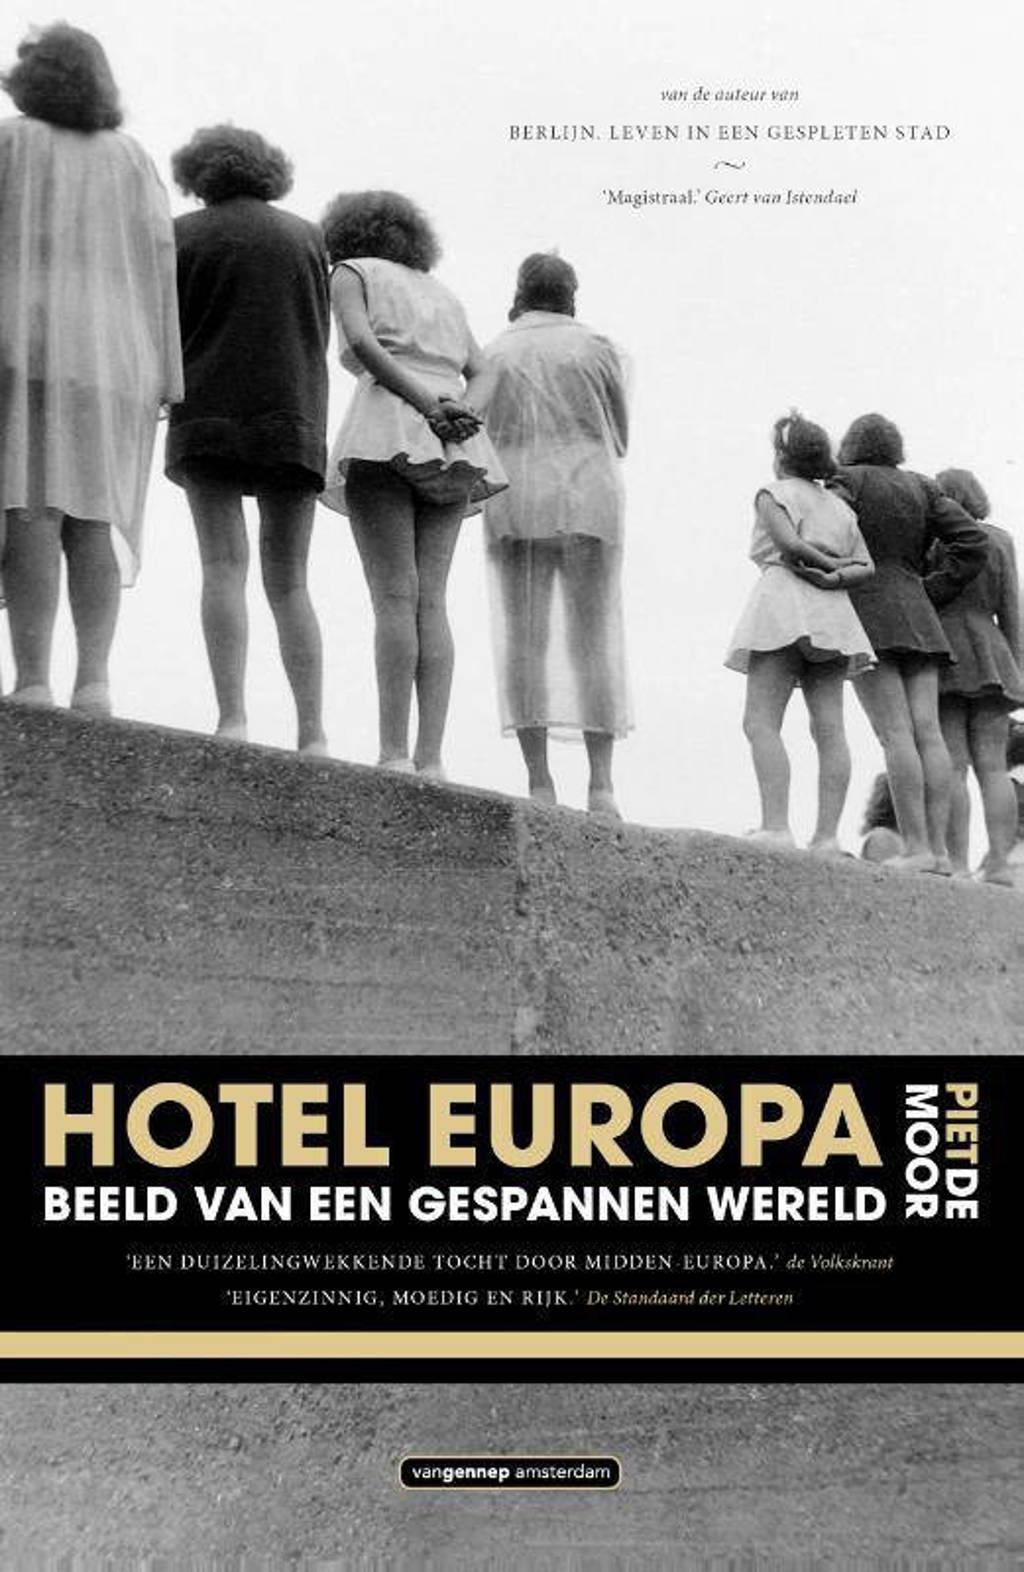 Hotel Europa - Piet de Moor